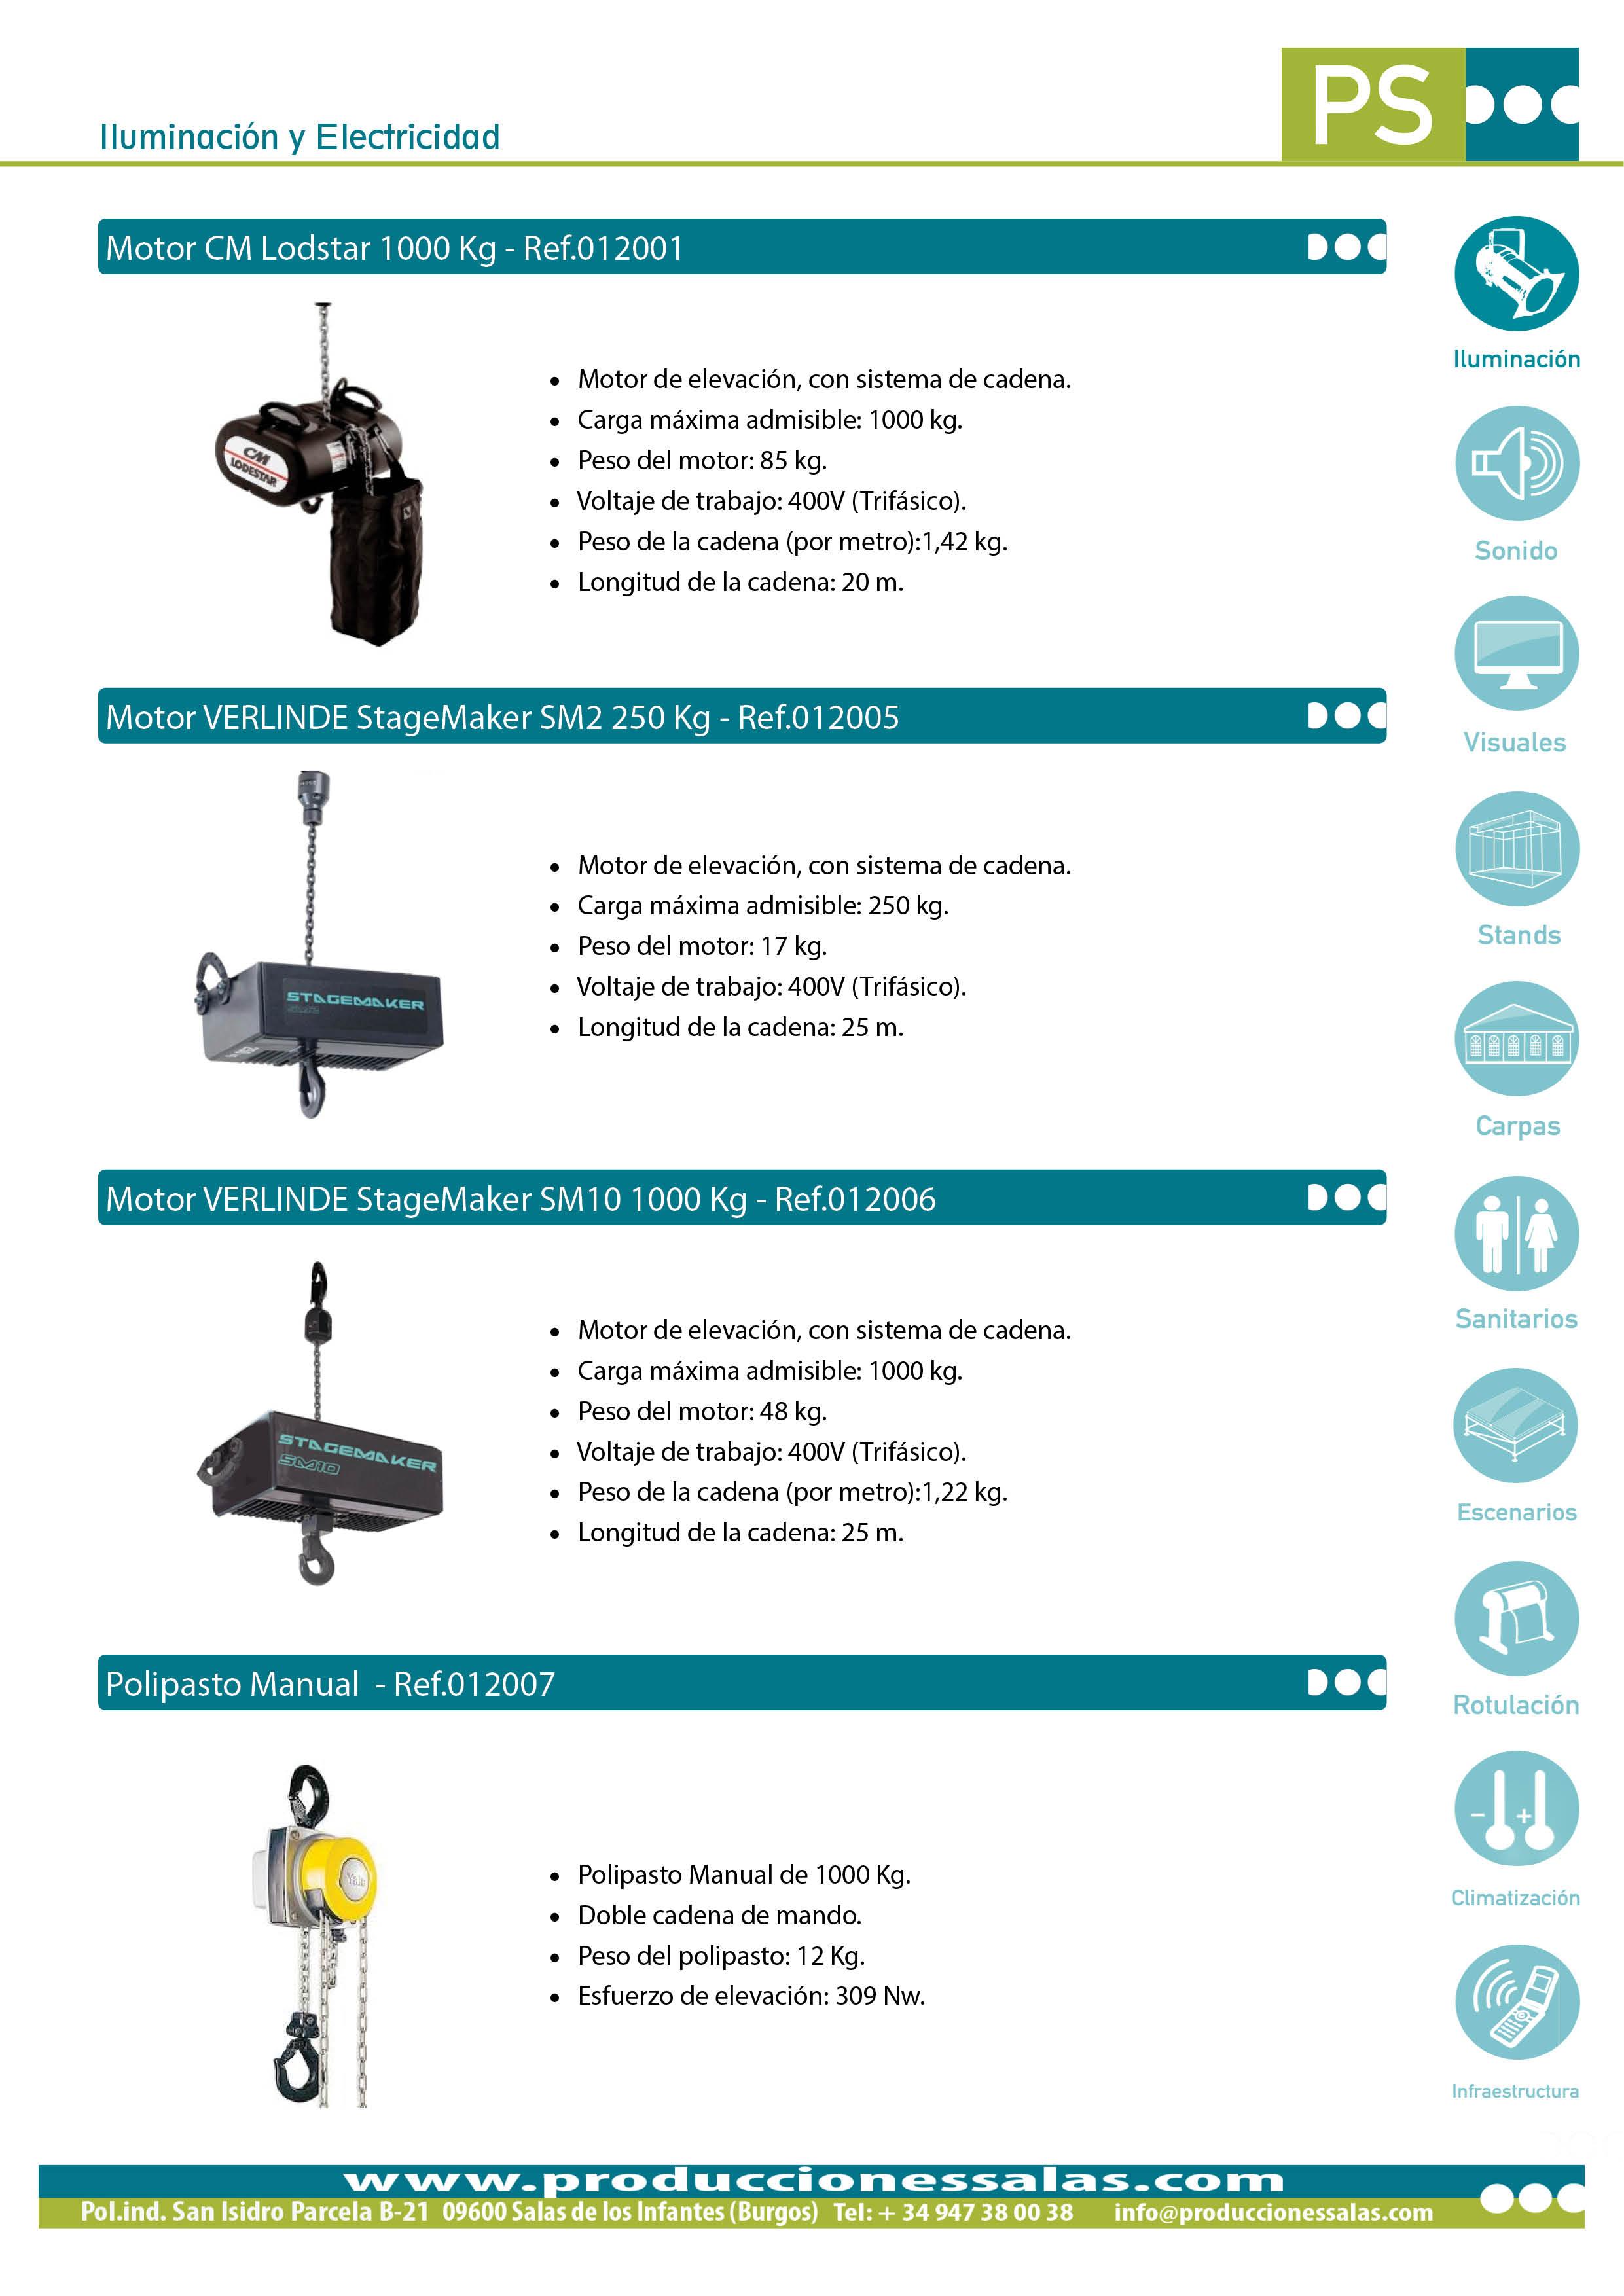 catalogo-iluminacion-producciones-salas219